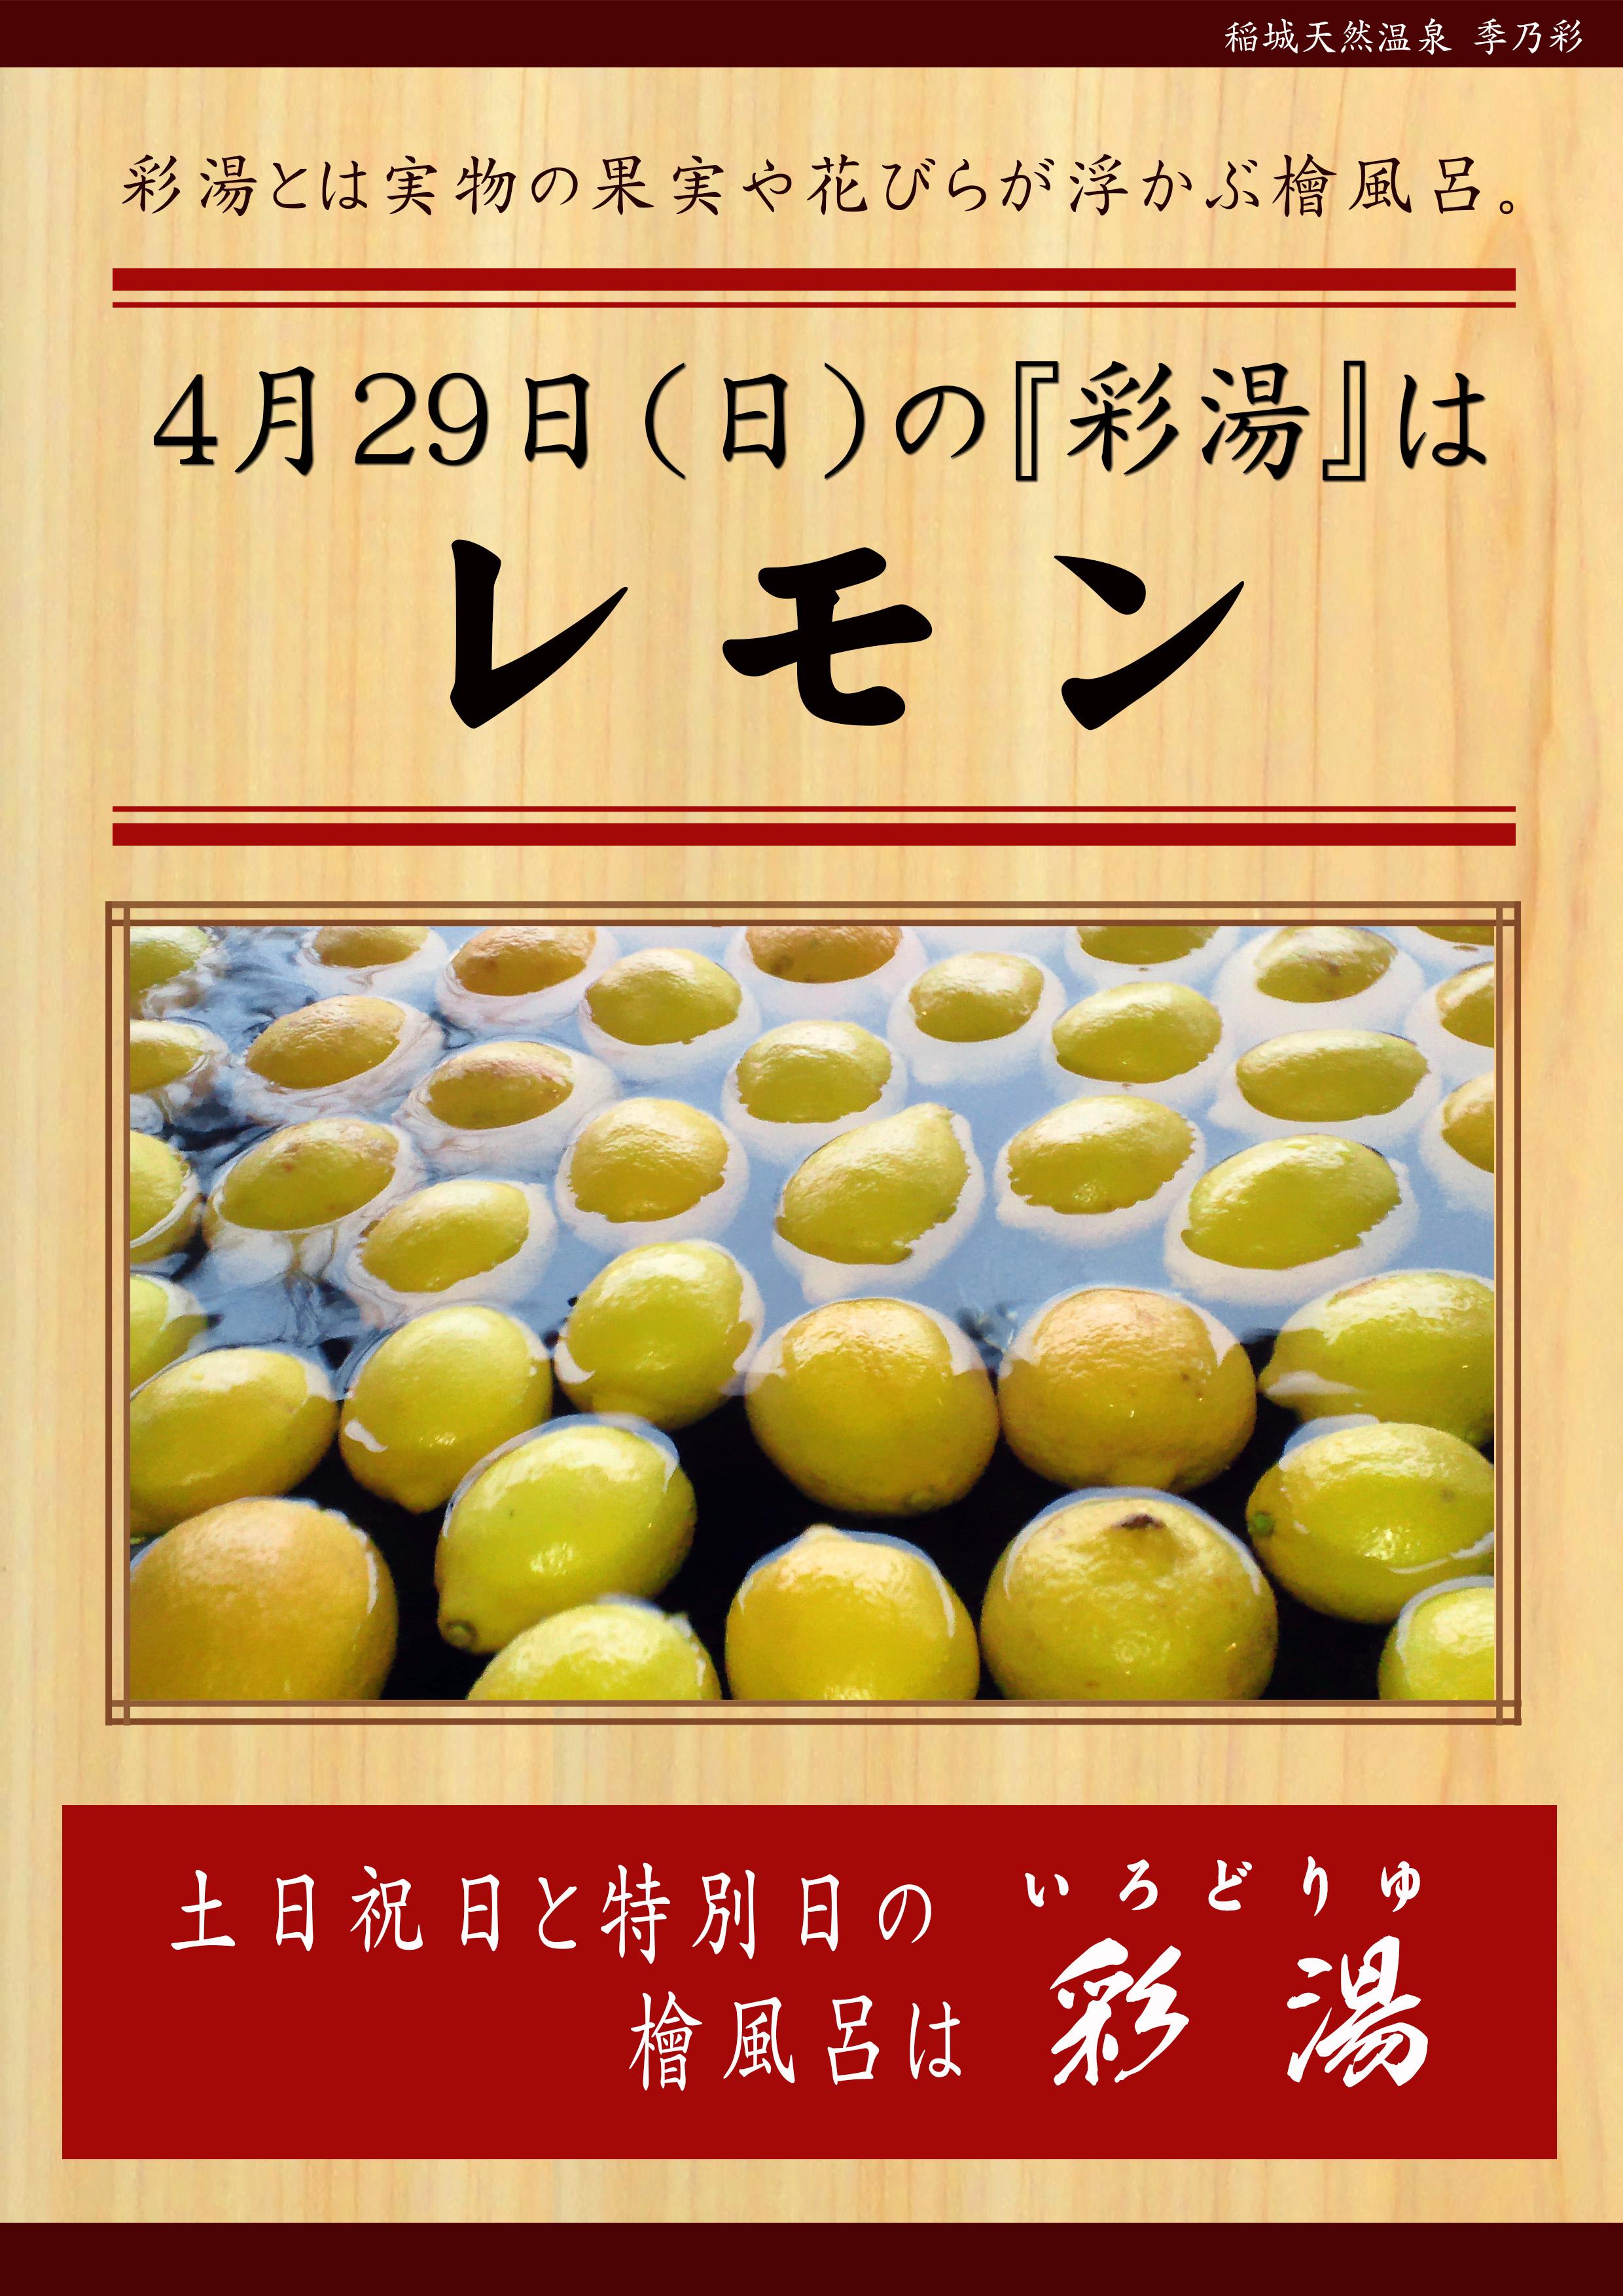 20180429POP イベント 彩湯 レモン